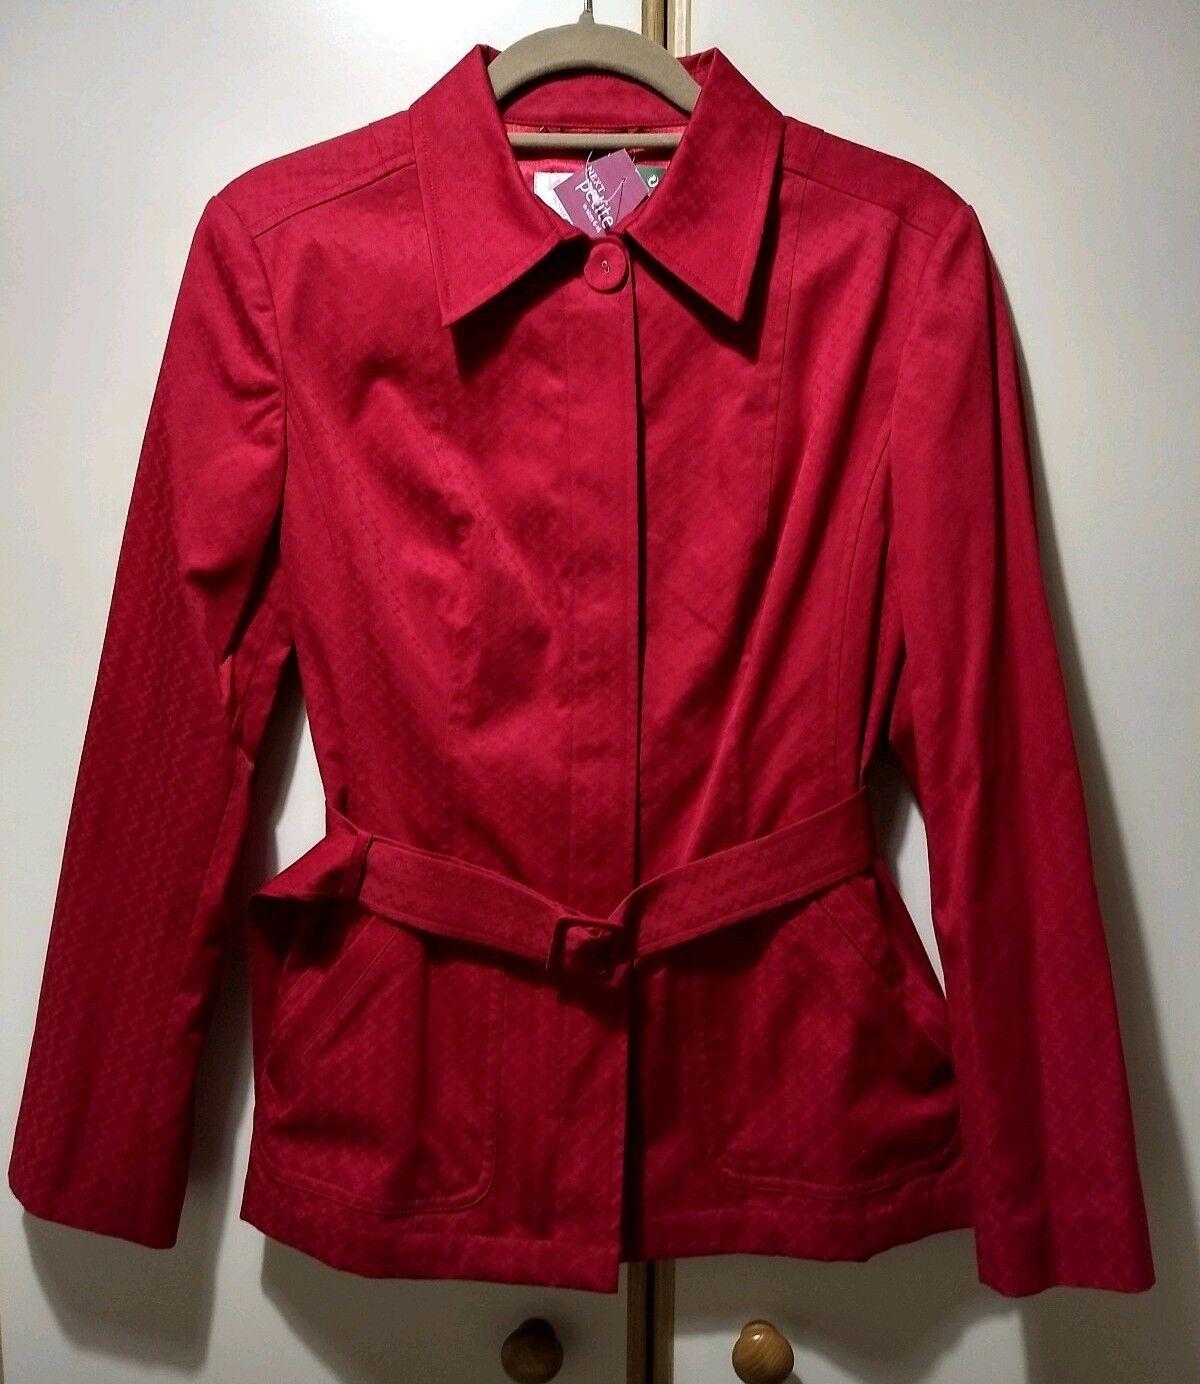 Rouge Femme Petite Veste Uk12 Next Étiquettes Manteau SgqwgFR